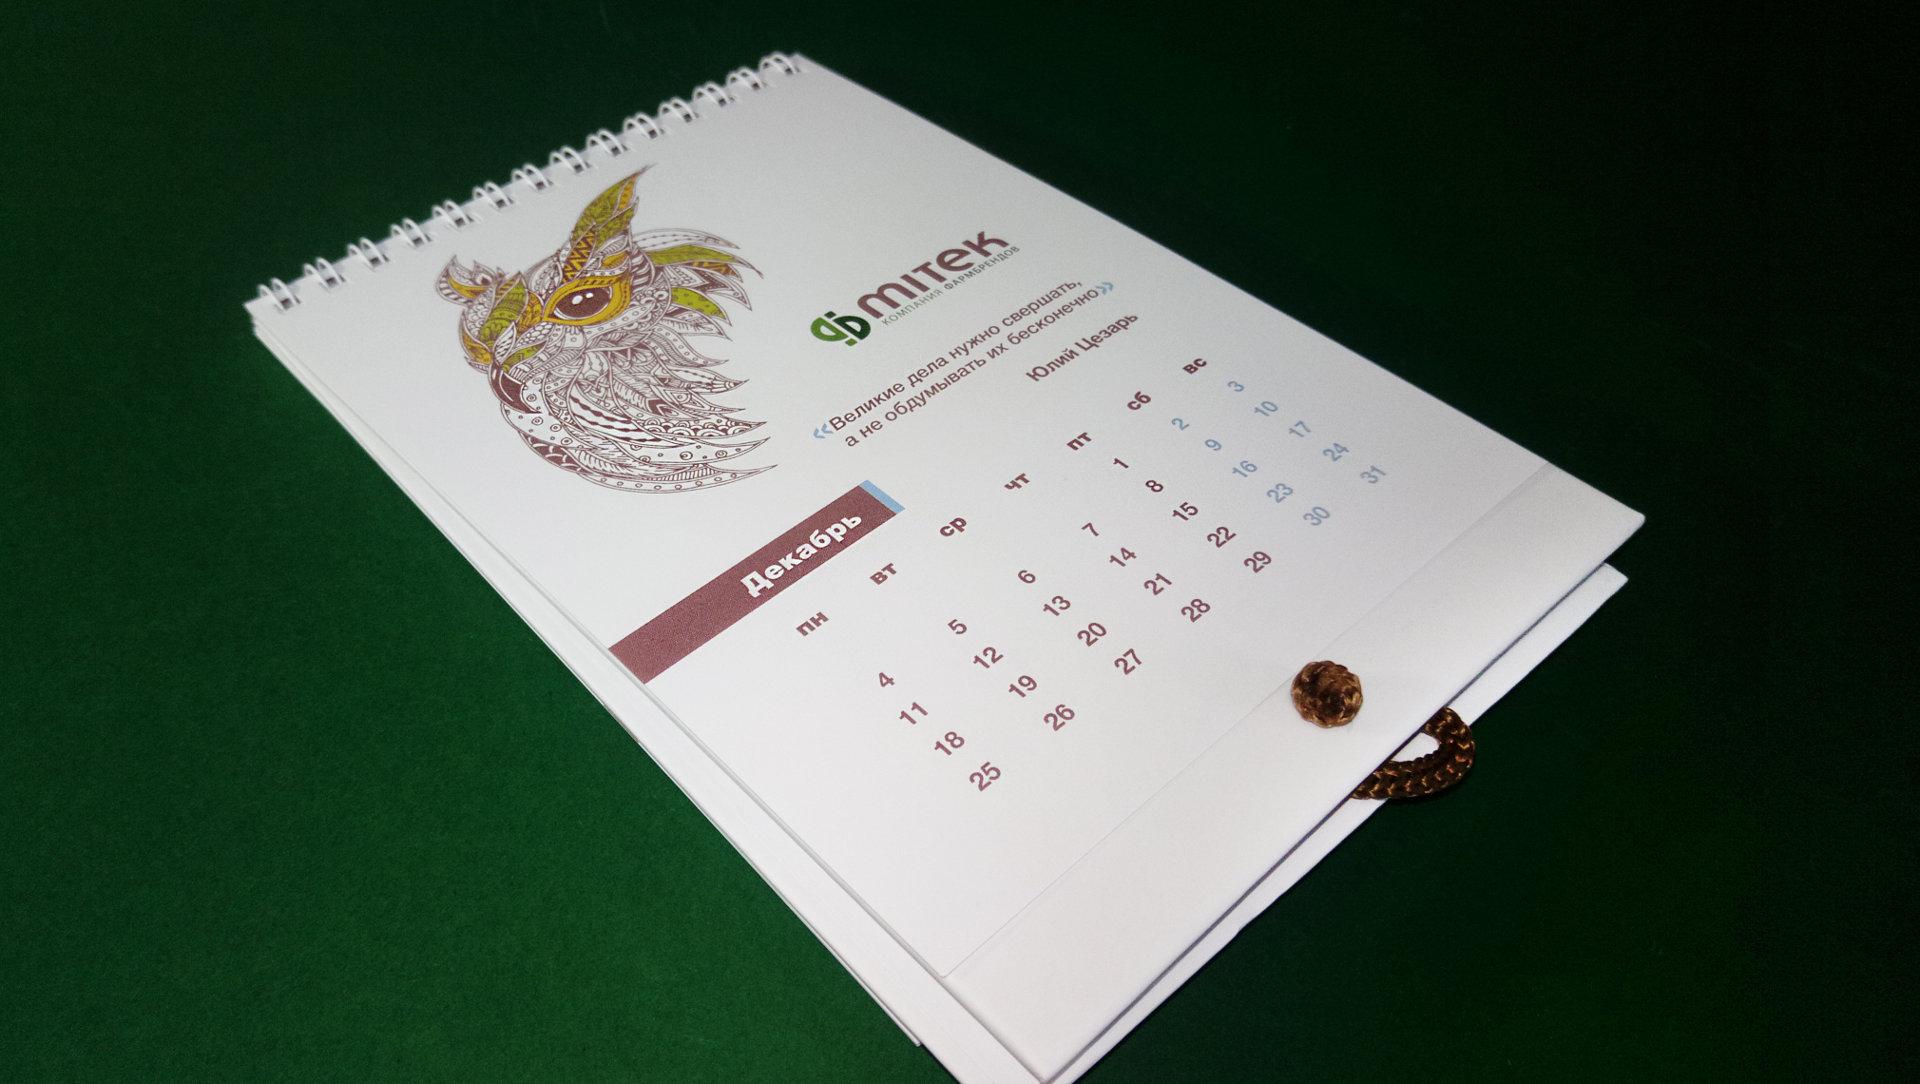 Дизайн корпоративного подарка фармацевтической компании